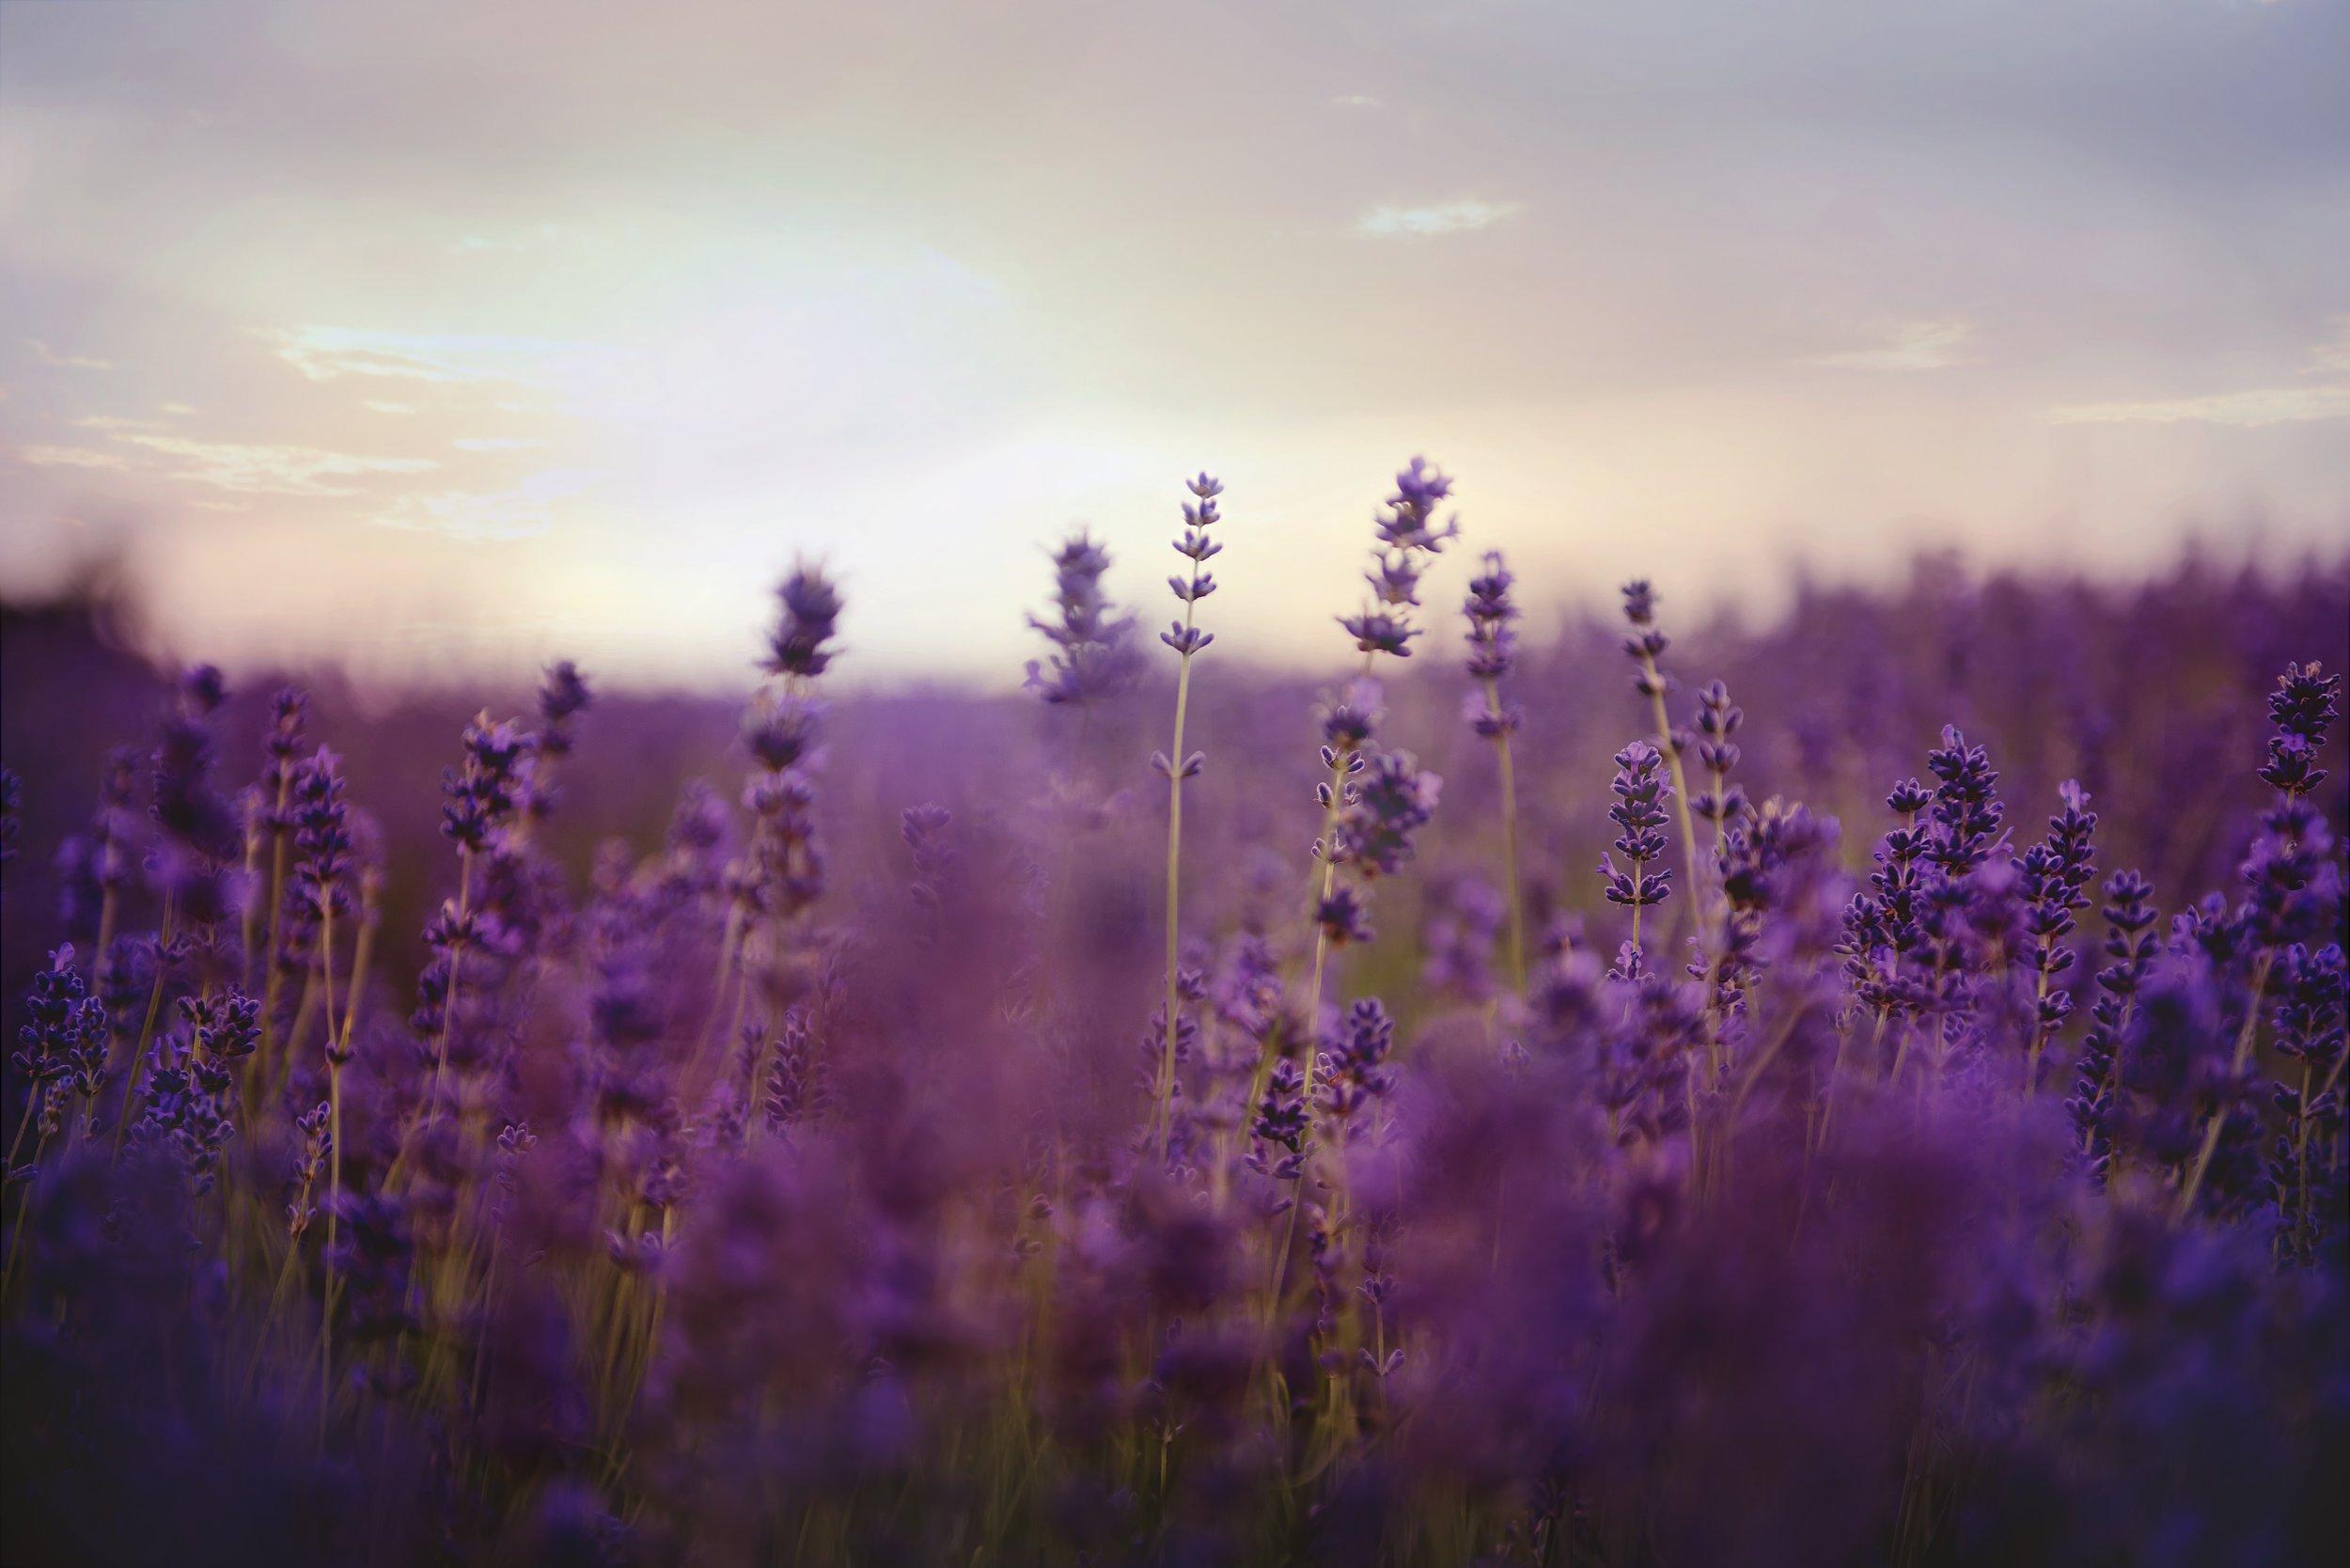 bloom-blossom-depth-of-field-1878095.jpg